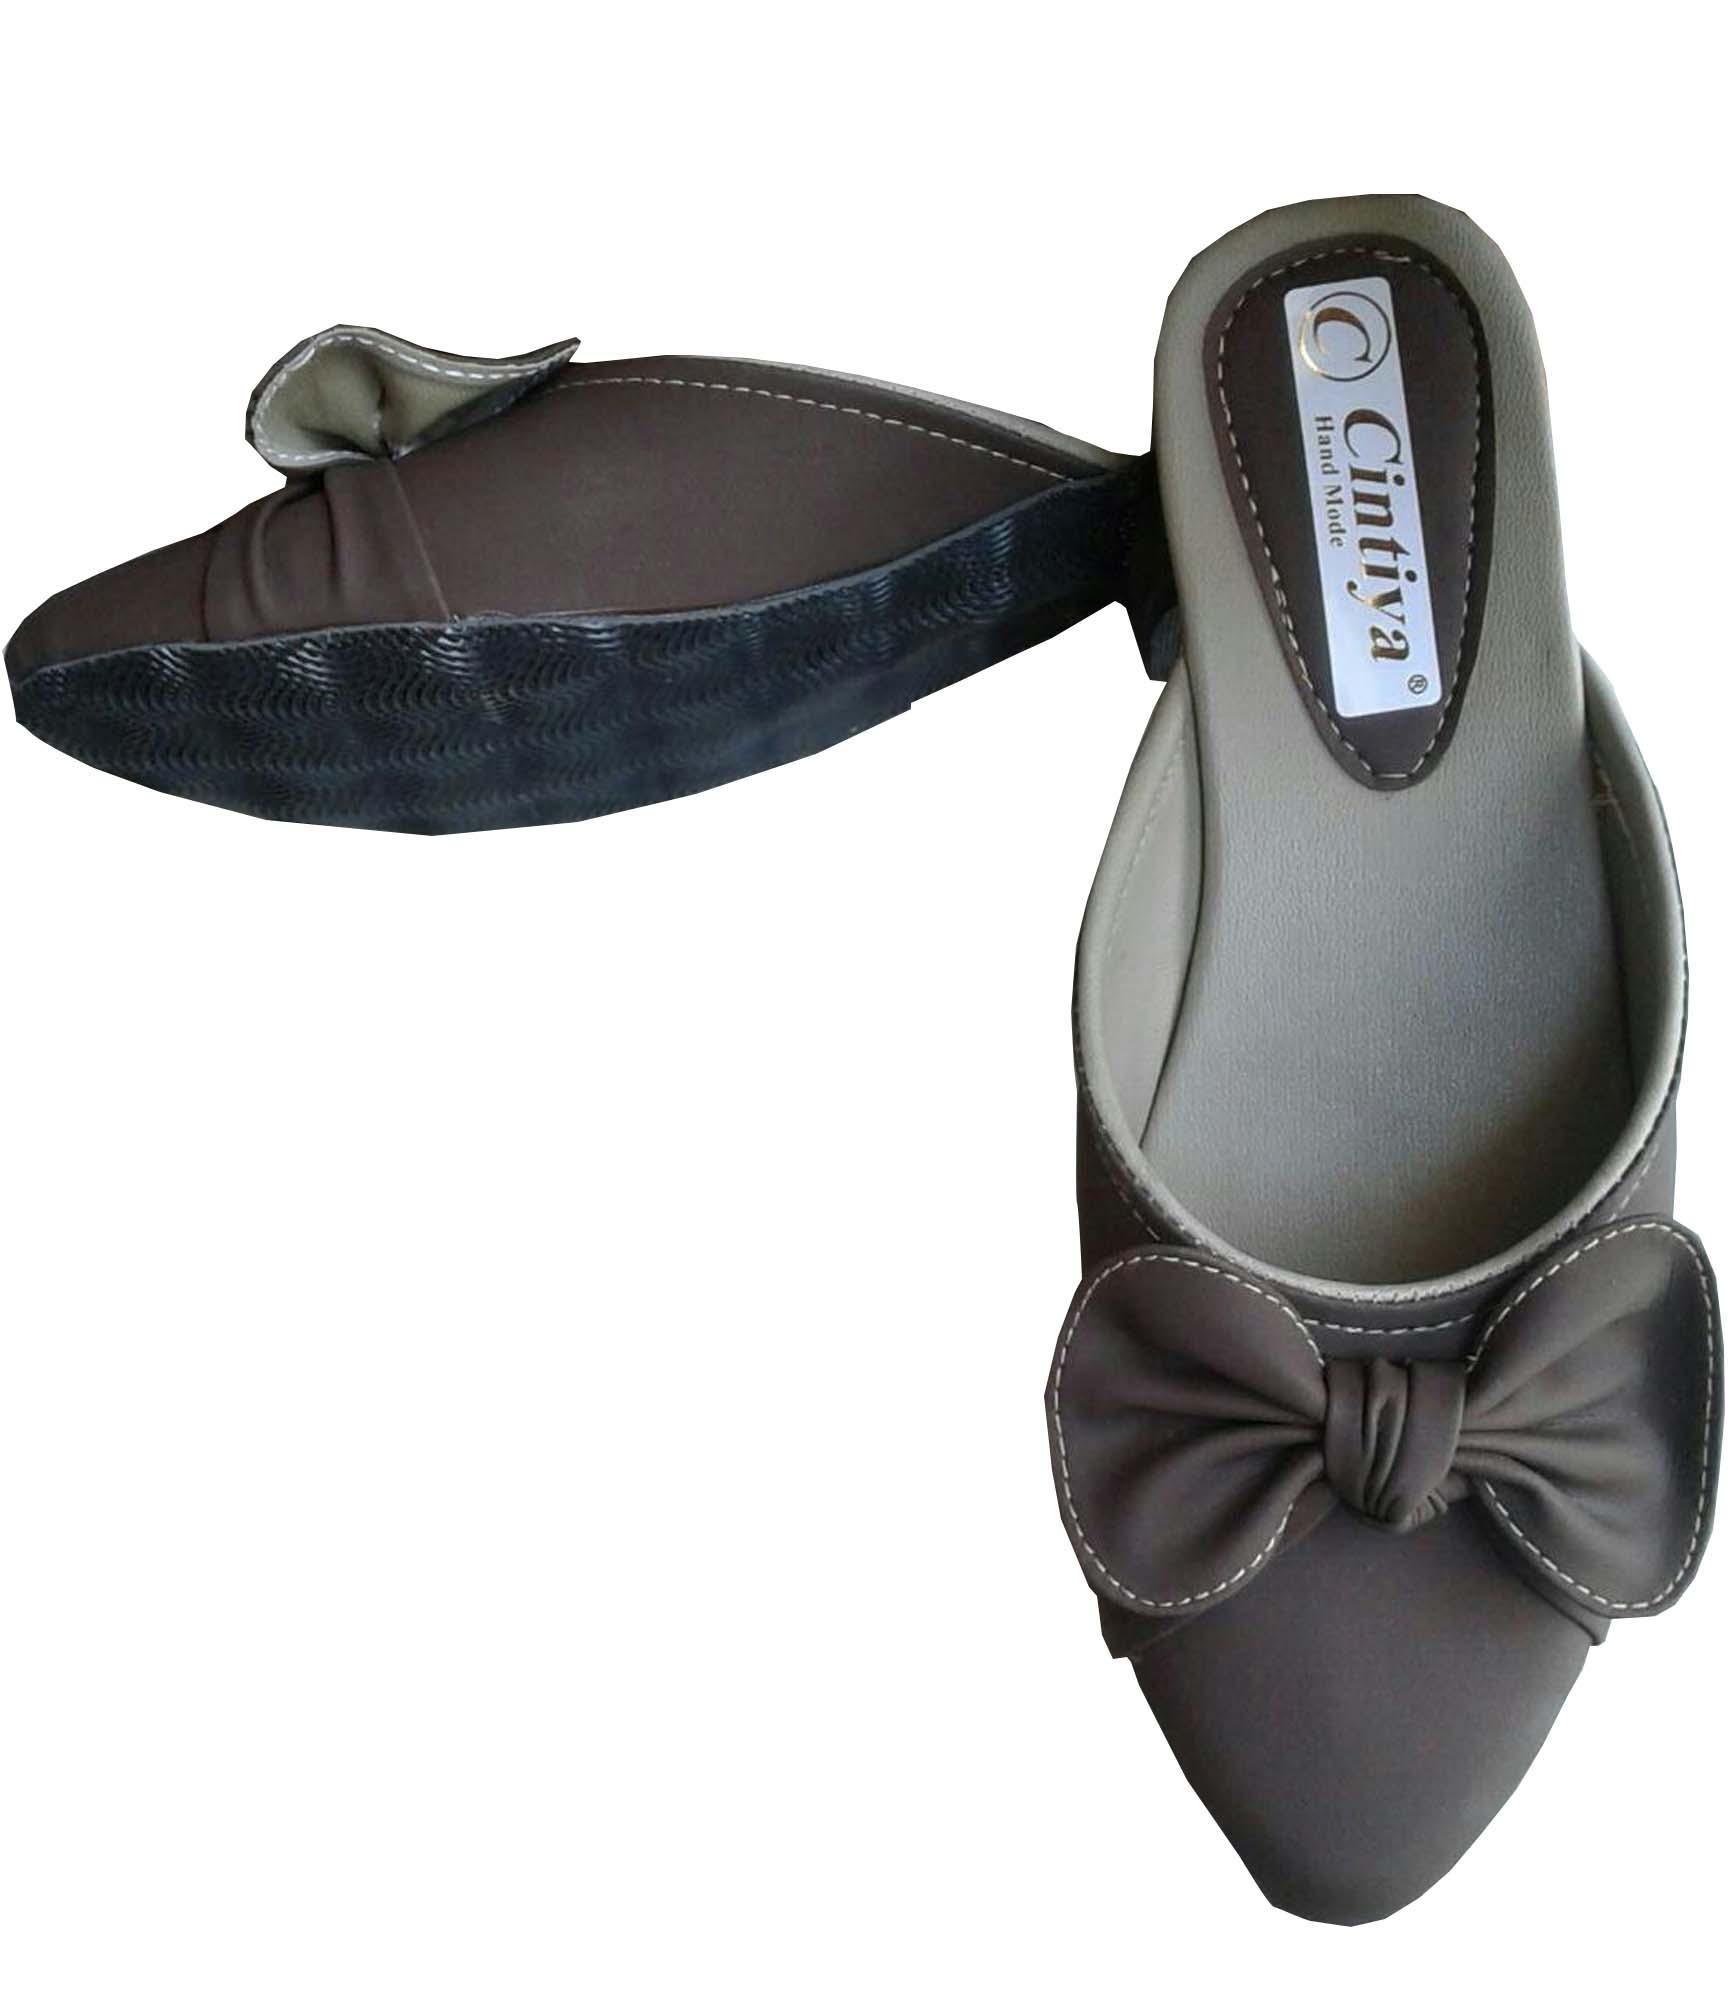 Diky noval/ Sandal Wanita Slop pita Fhasion Wanita Flat Shoes/ Sandal Formal/ Sandal Non-Formal/ Sandal selop flatshoes